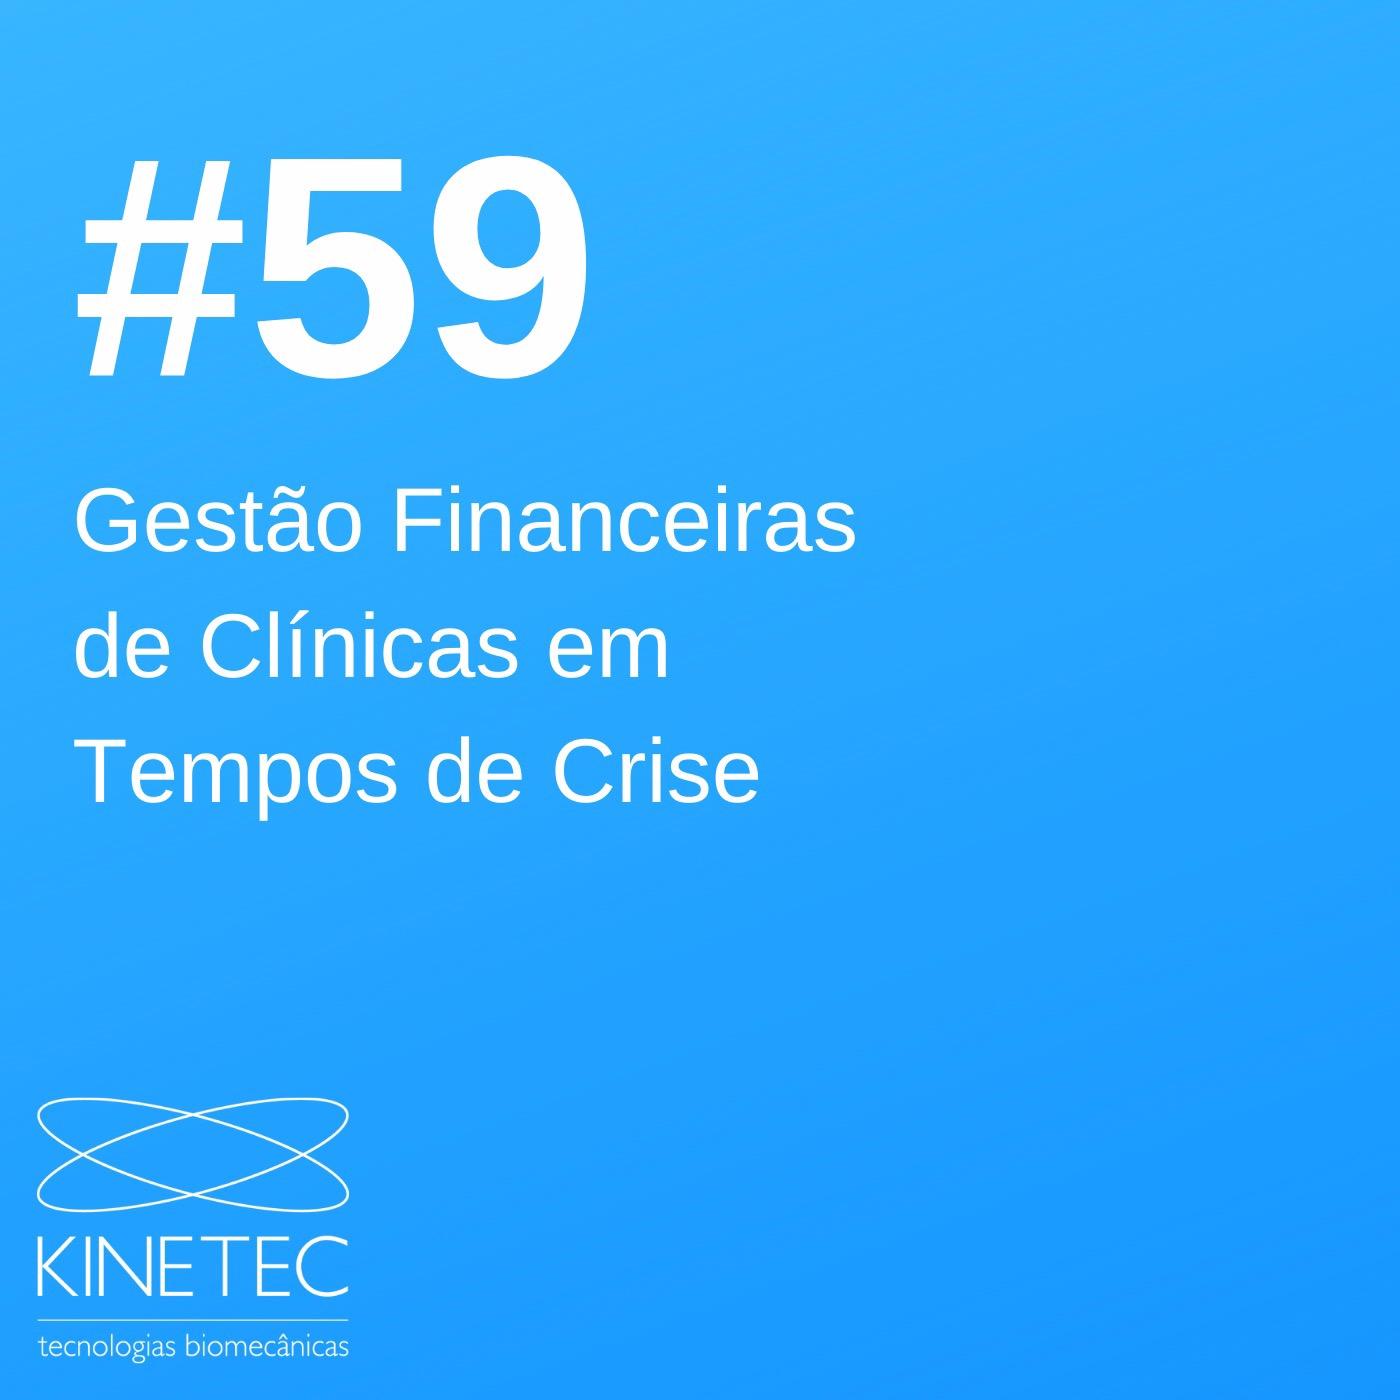 #59 Gestão Financeiras de Clínicas em Tempos de Crise